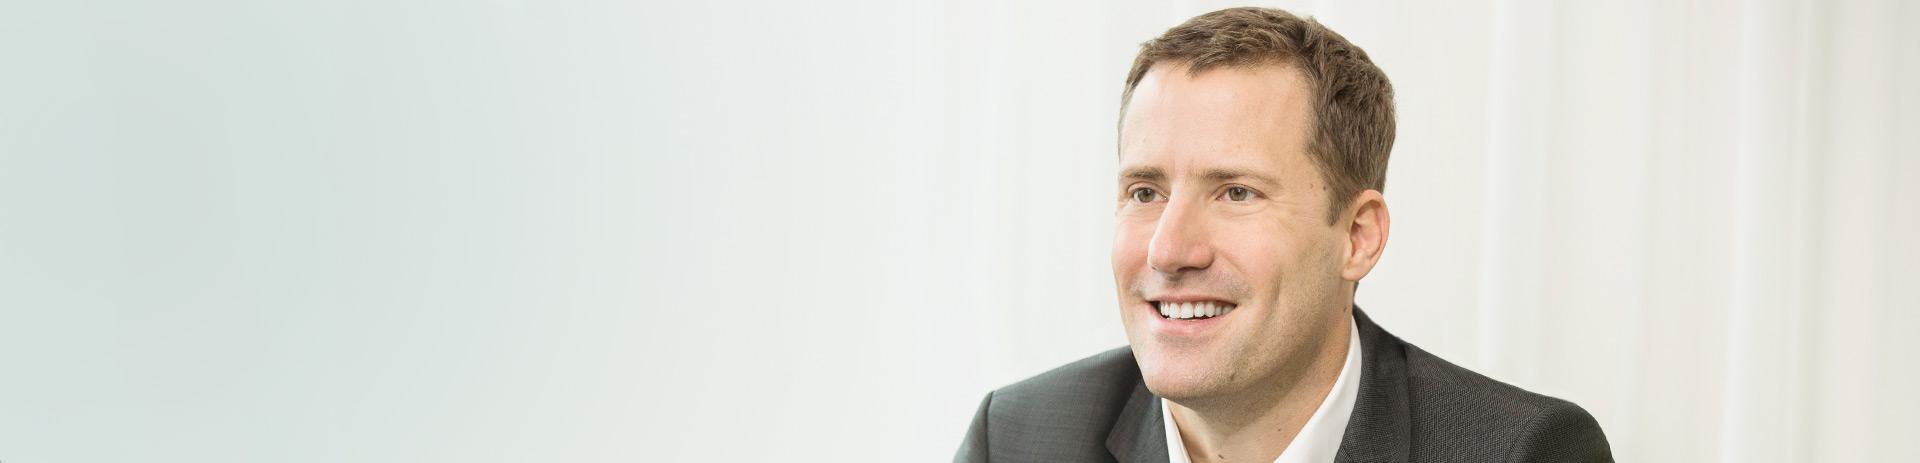 ein Mann im Anzug vor einem hellen Hintergrund